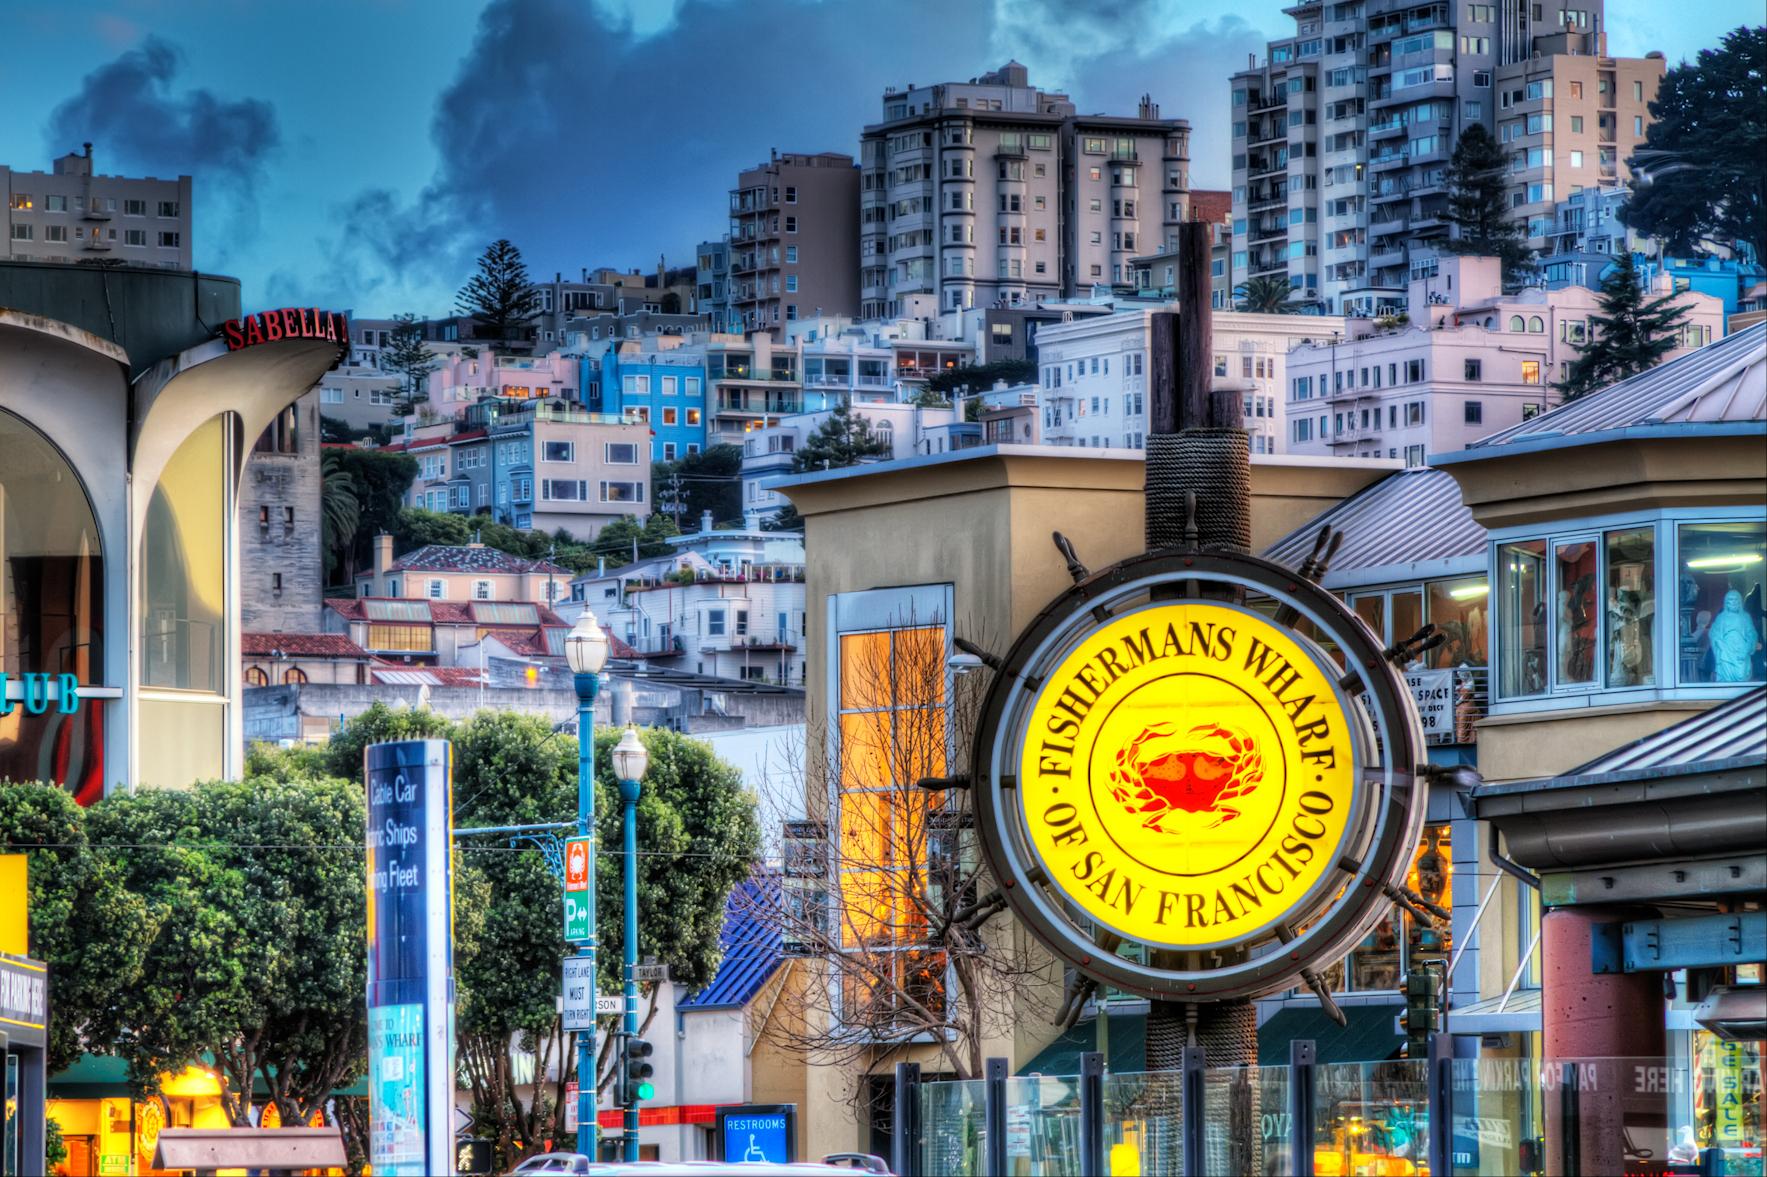 San Fran Fishermans Wharf Restaurants